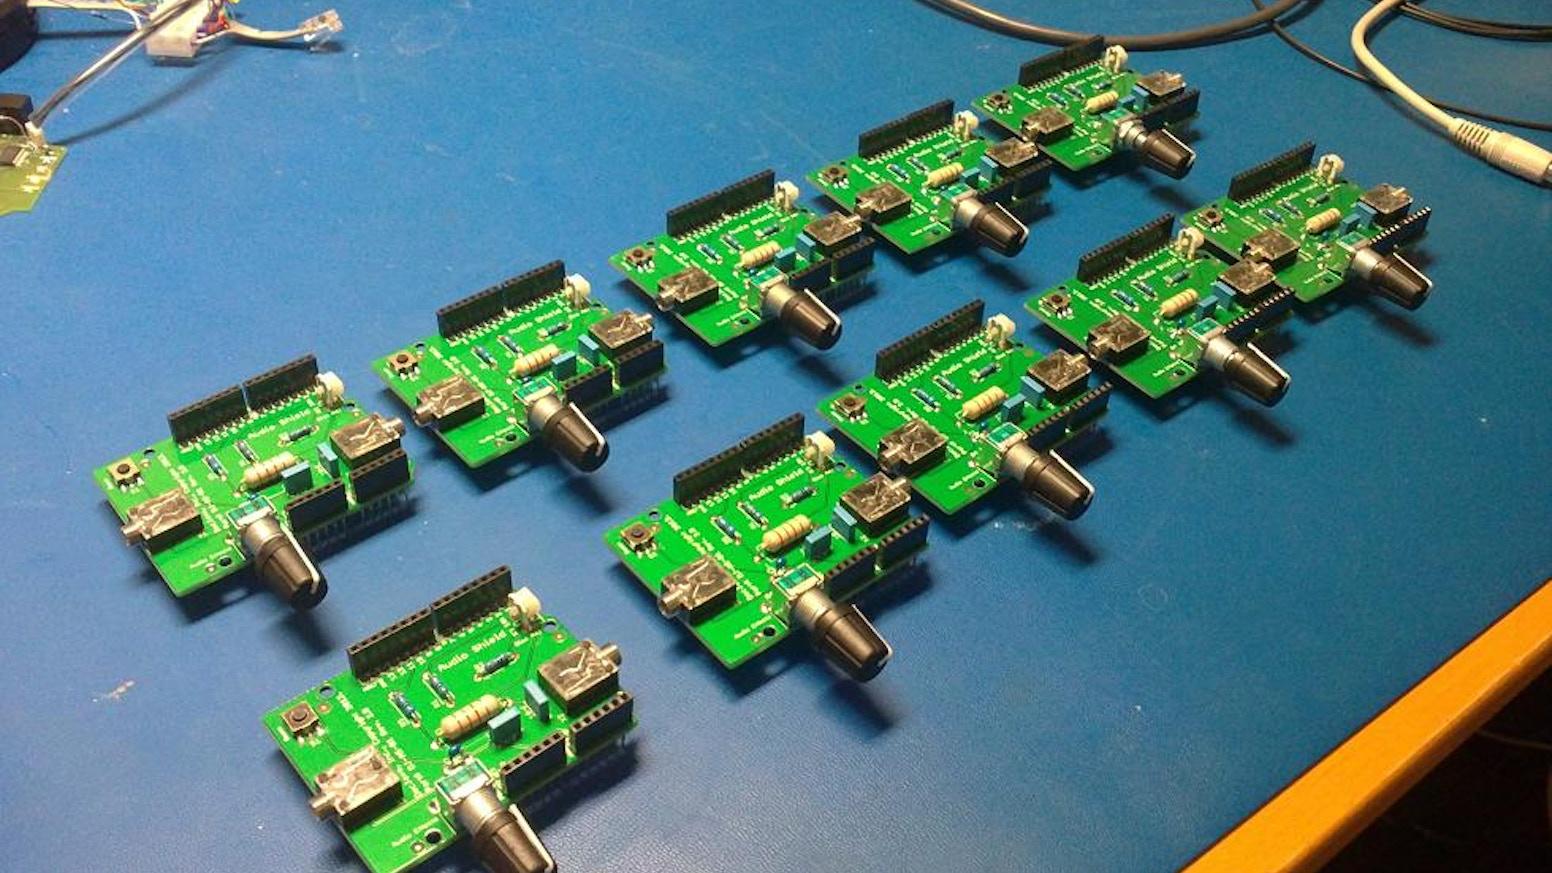 Arduino Digital Signal Processing Shield  DIY sound effects